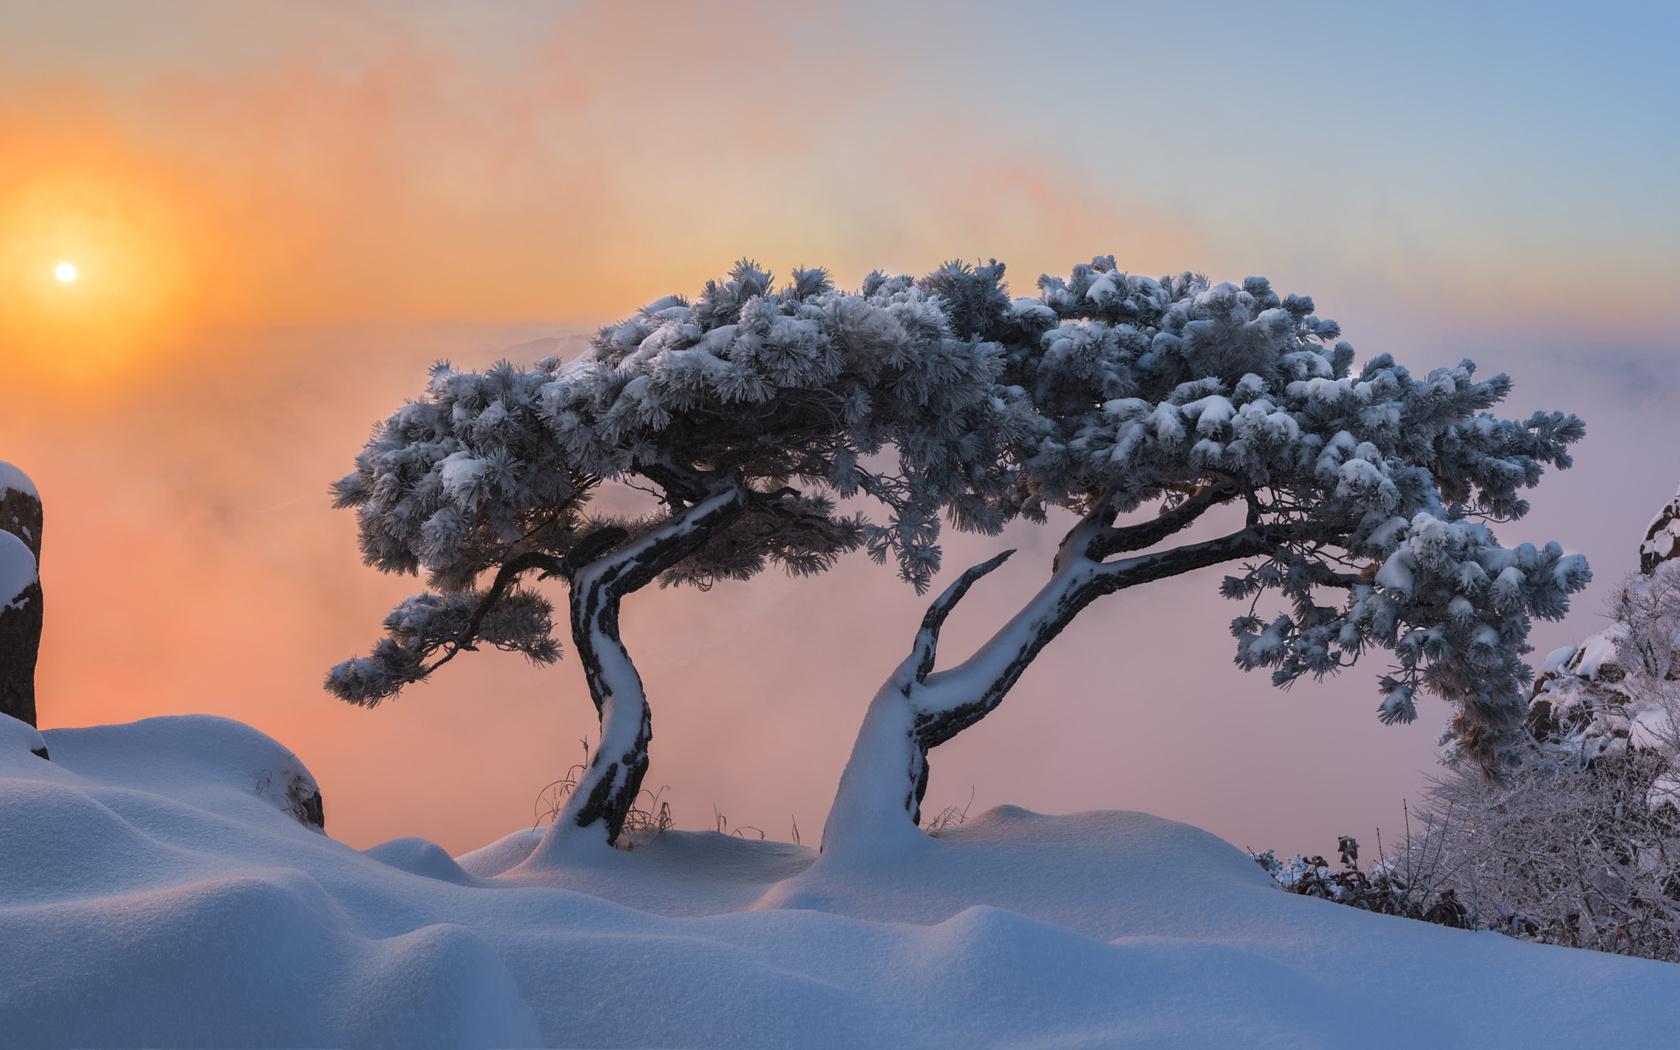 зима, снег, деревья, пейзаж, горы, природа, рассвет, утро, сосны, корея, jae youn ryu, заповедник, пукхансан